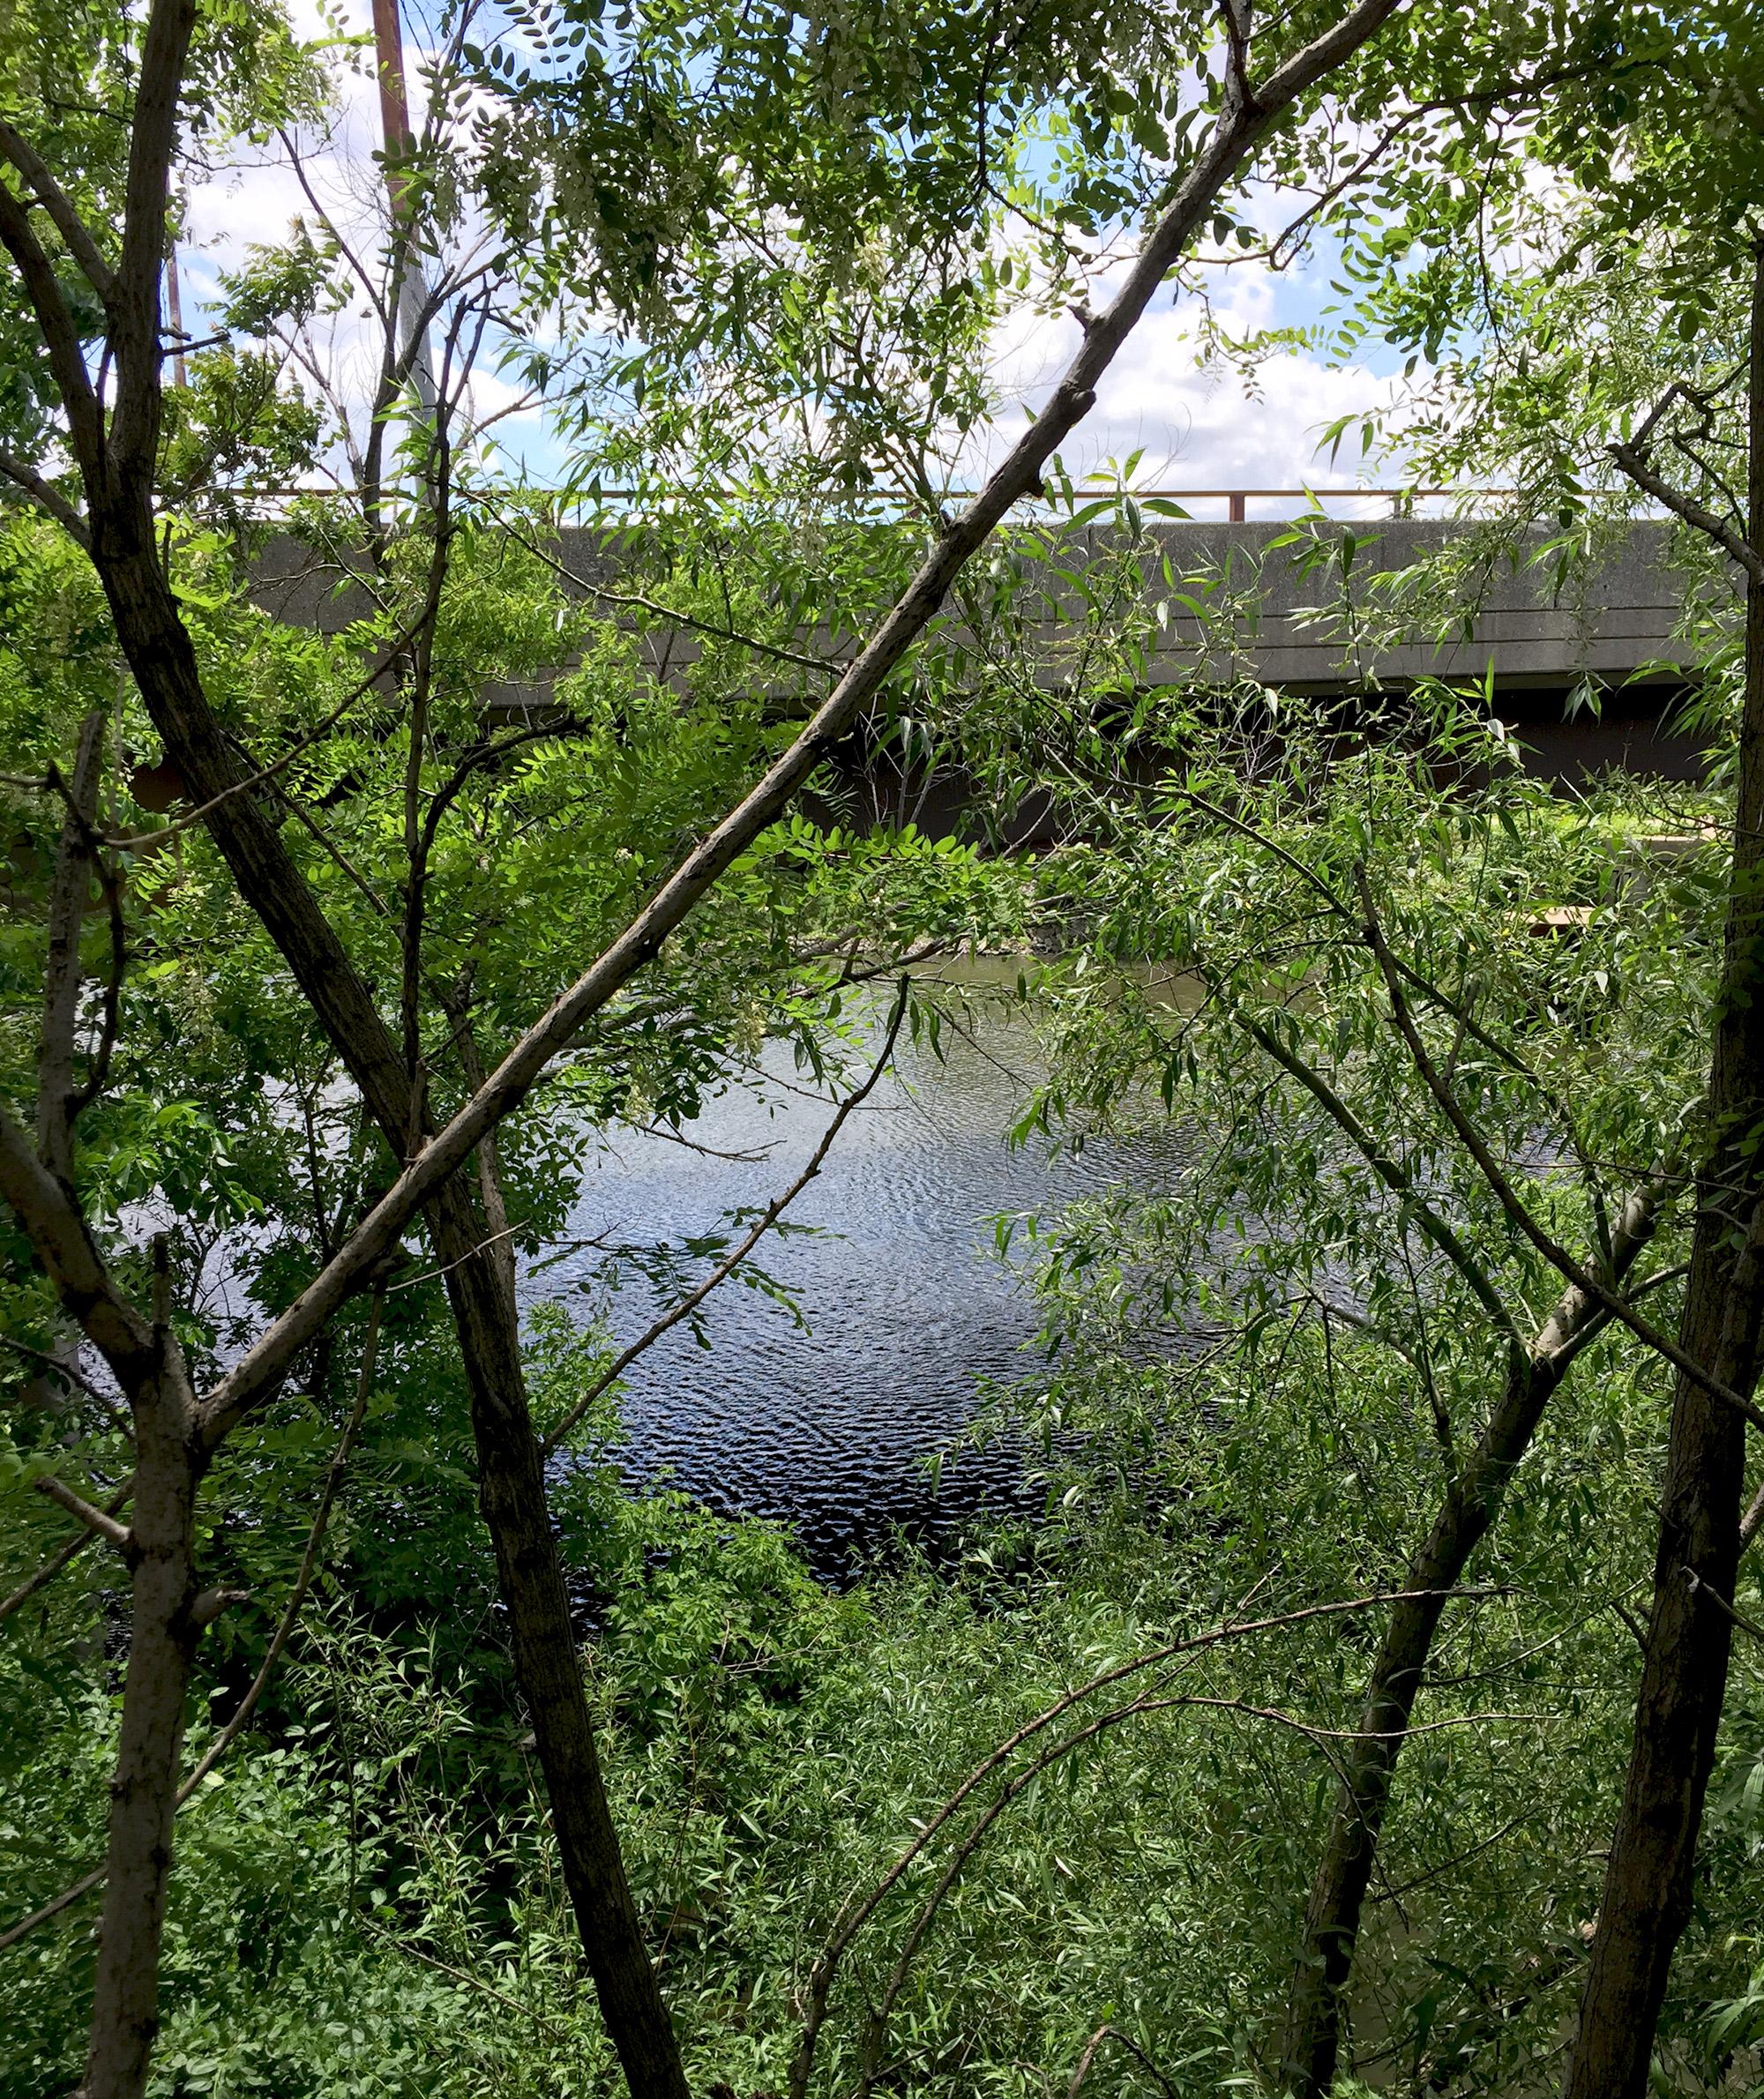 Chicago River in Clark Park / Darker than Green